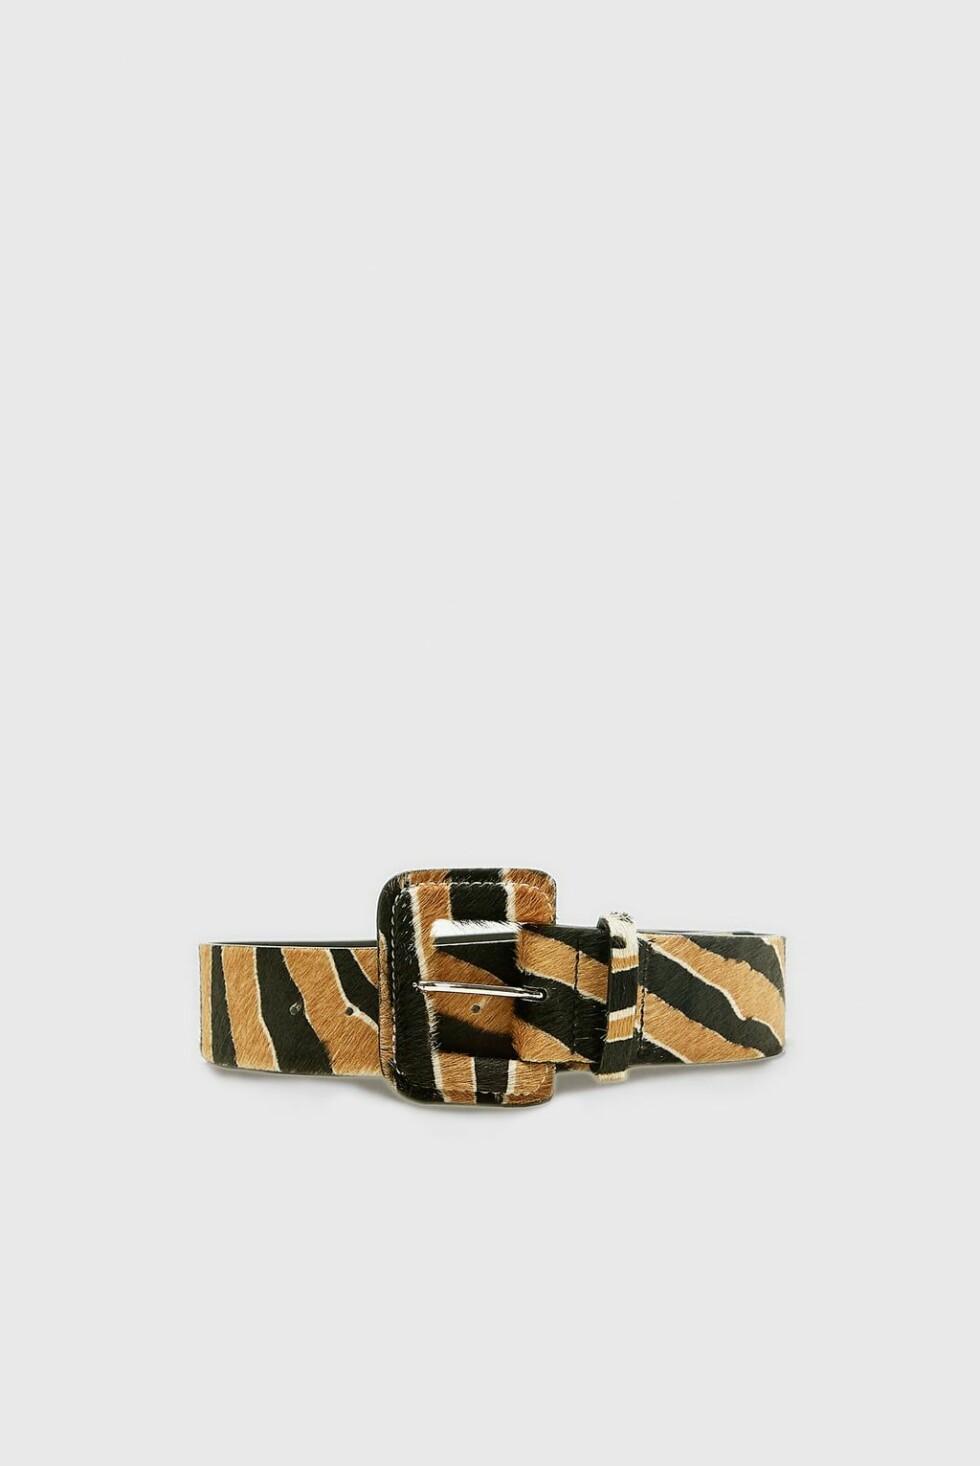 Belte fra Zara |299,-| https://www.zara.com/no/no/skinnbelte-med-dyrem%C3%B8nster-p02495207.html?v1=7678029&v2=1074660